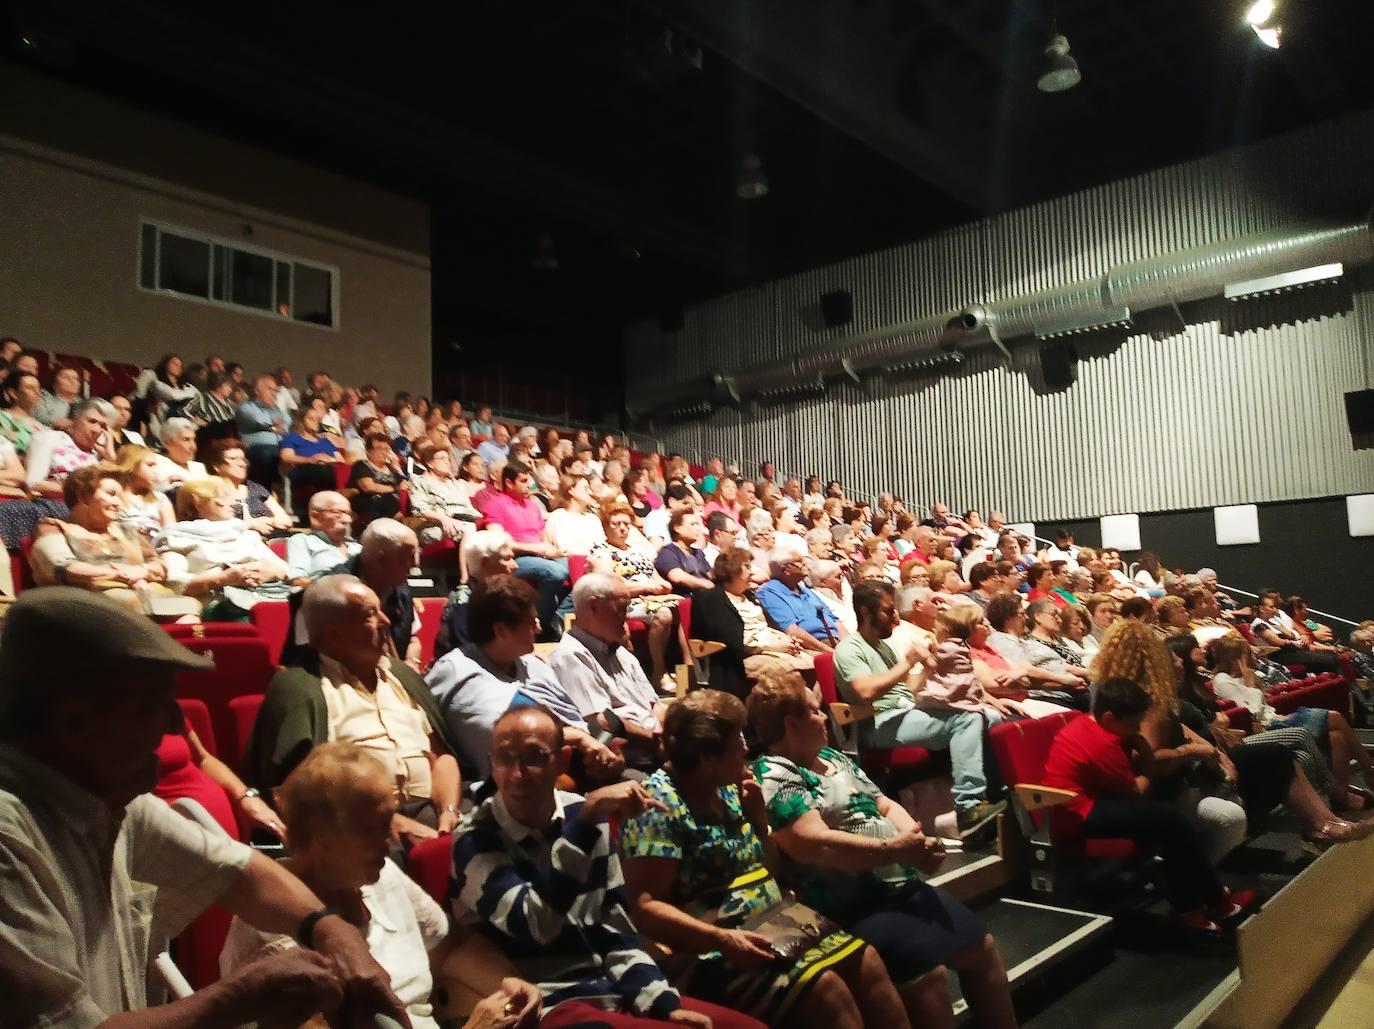 Se clausura la «Semana del Mayor 2.019» de Herrera del Duque con la asistencia de mas de 230 personas